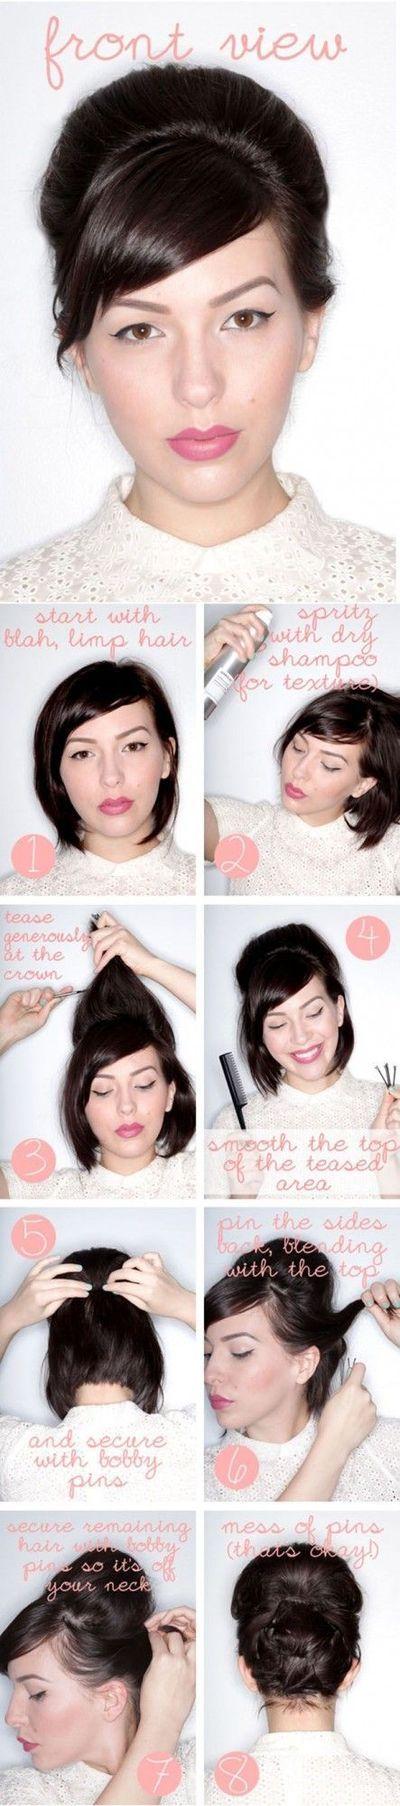 Tutorial opsteekkapsel voor kort haar